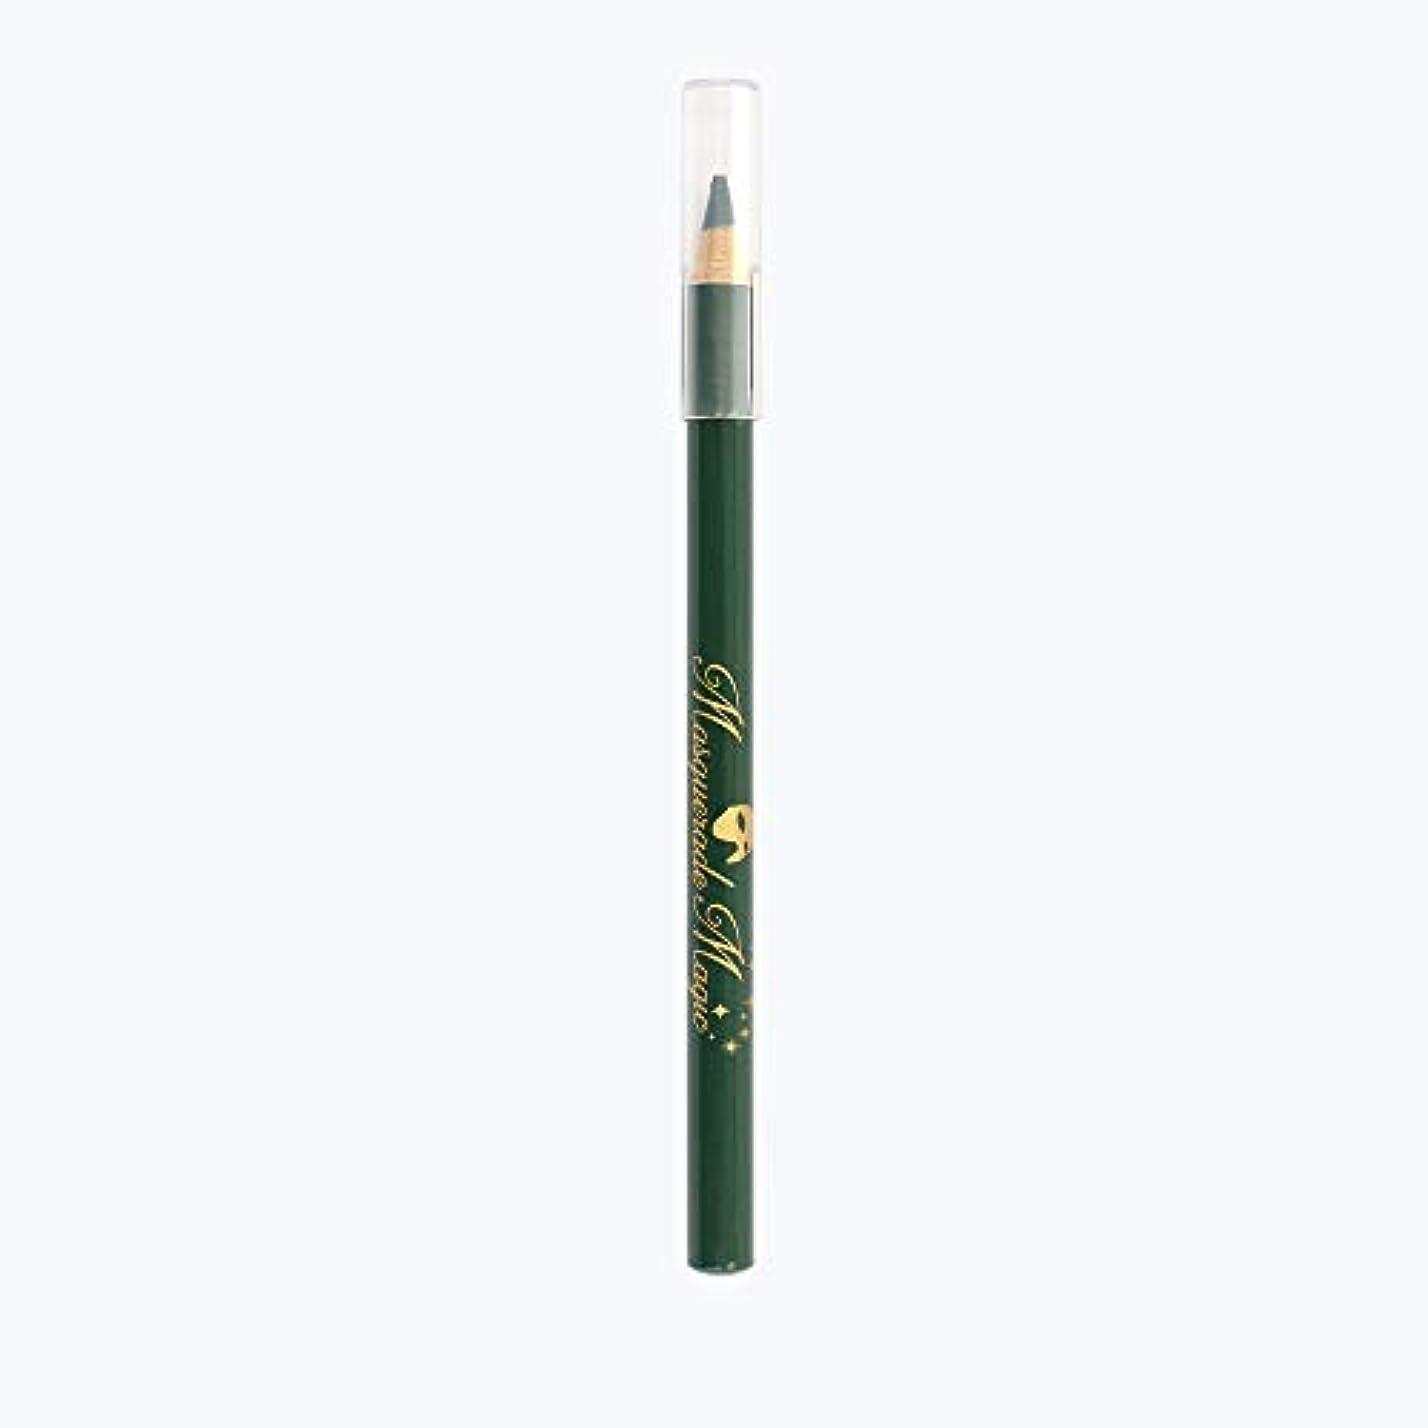 爆風産地特性マスカレイド カラフルアイブロウ A080 モスグリーン 濃い目の緑 コスプレ